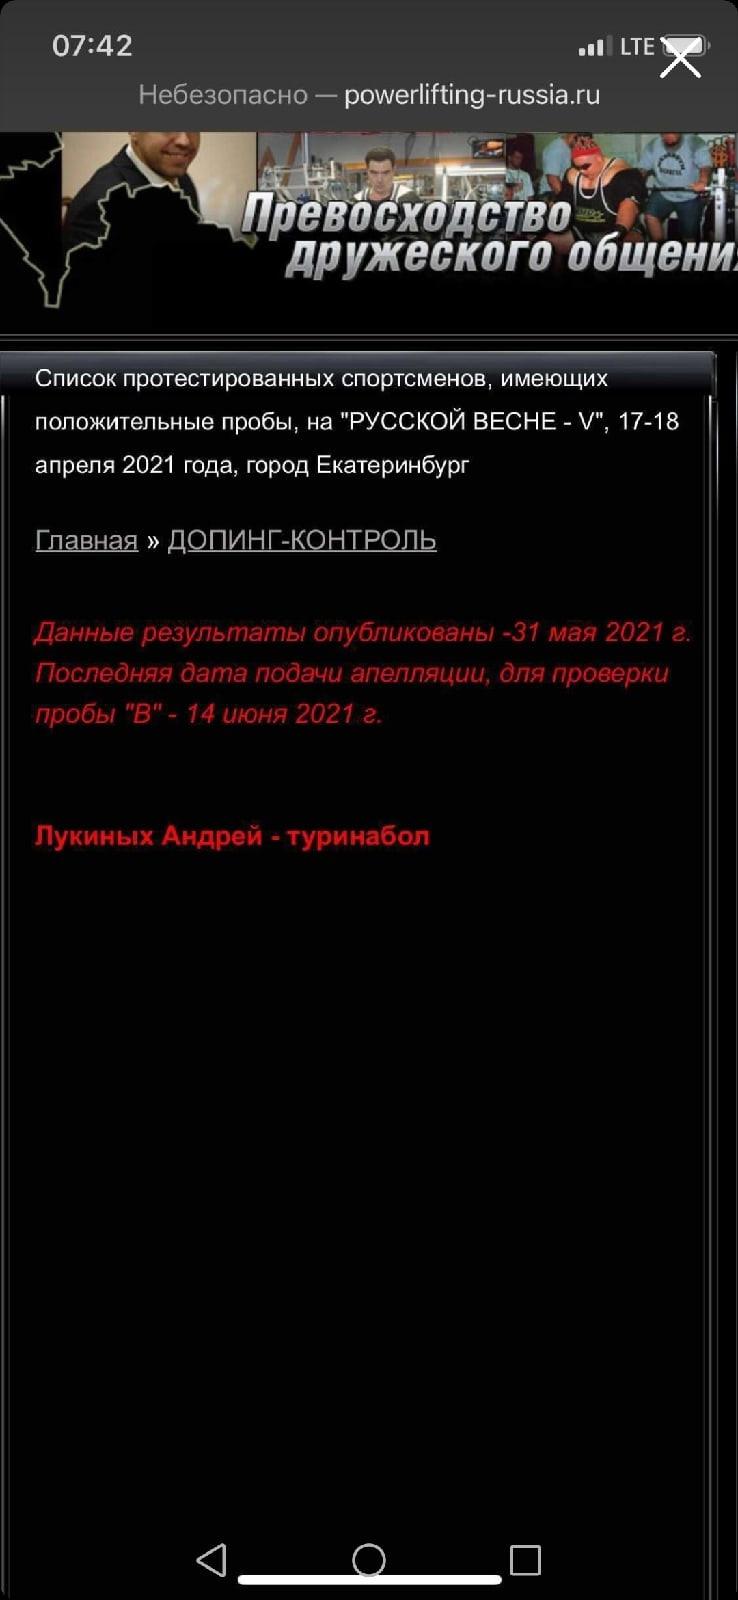 -PJ2VjFfRAA.jpg?size=738x1600&quality=96